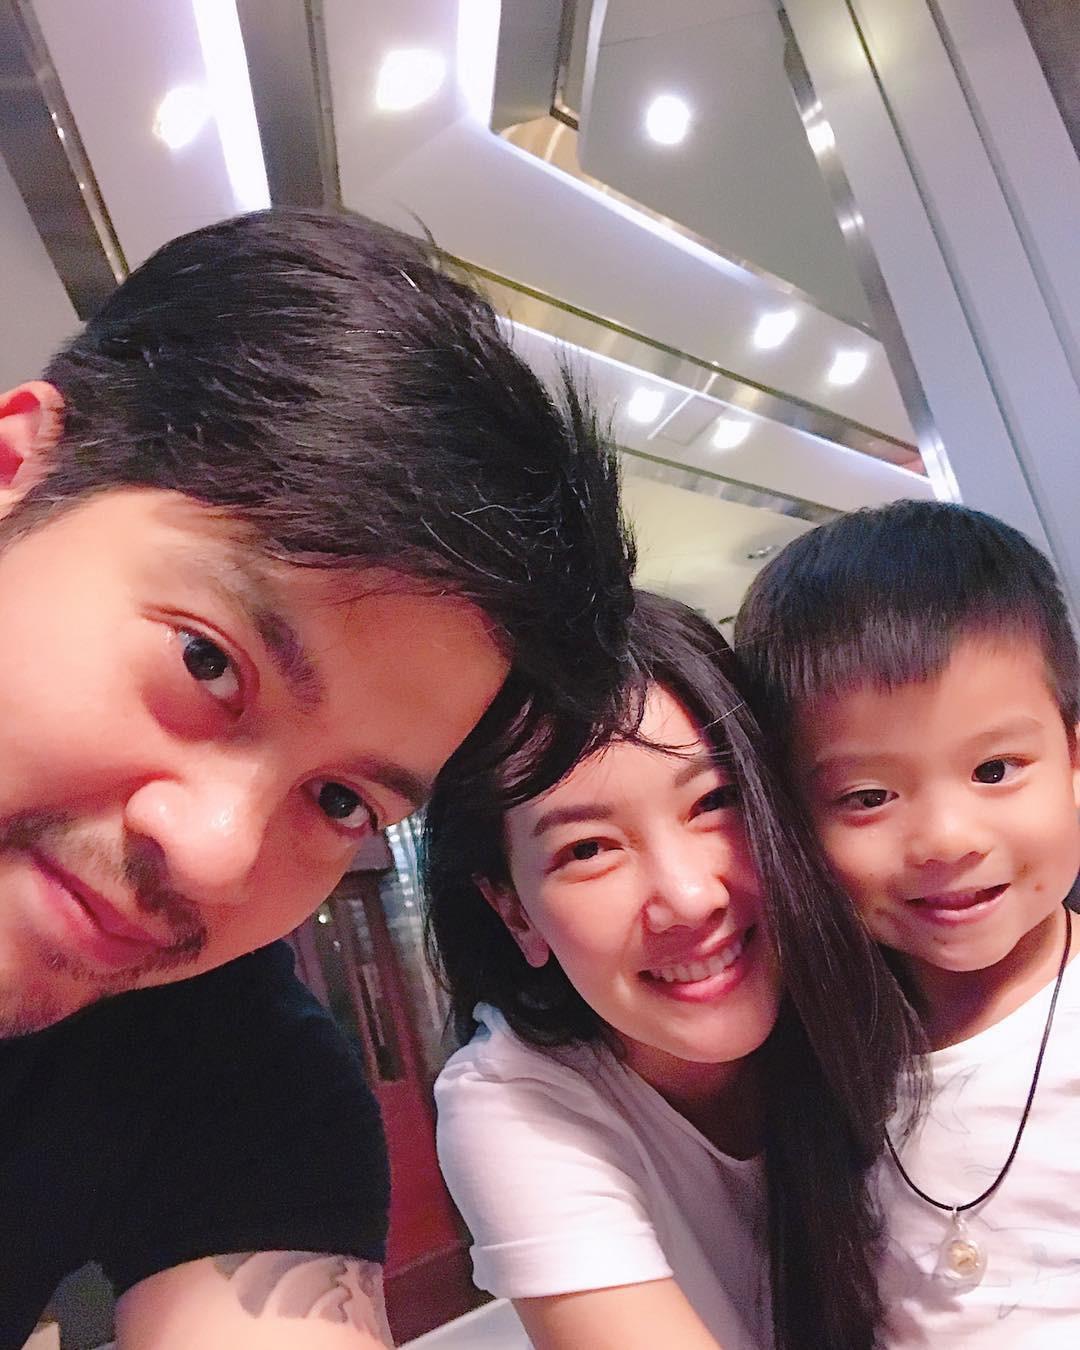 Minh tinh Thái lấy chồng siêu giàu: Người được cung phụng như bà hoàng, kẻ lấy bố của bạn, ly hôn trong thị phi-17